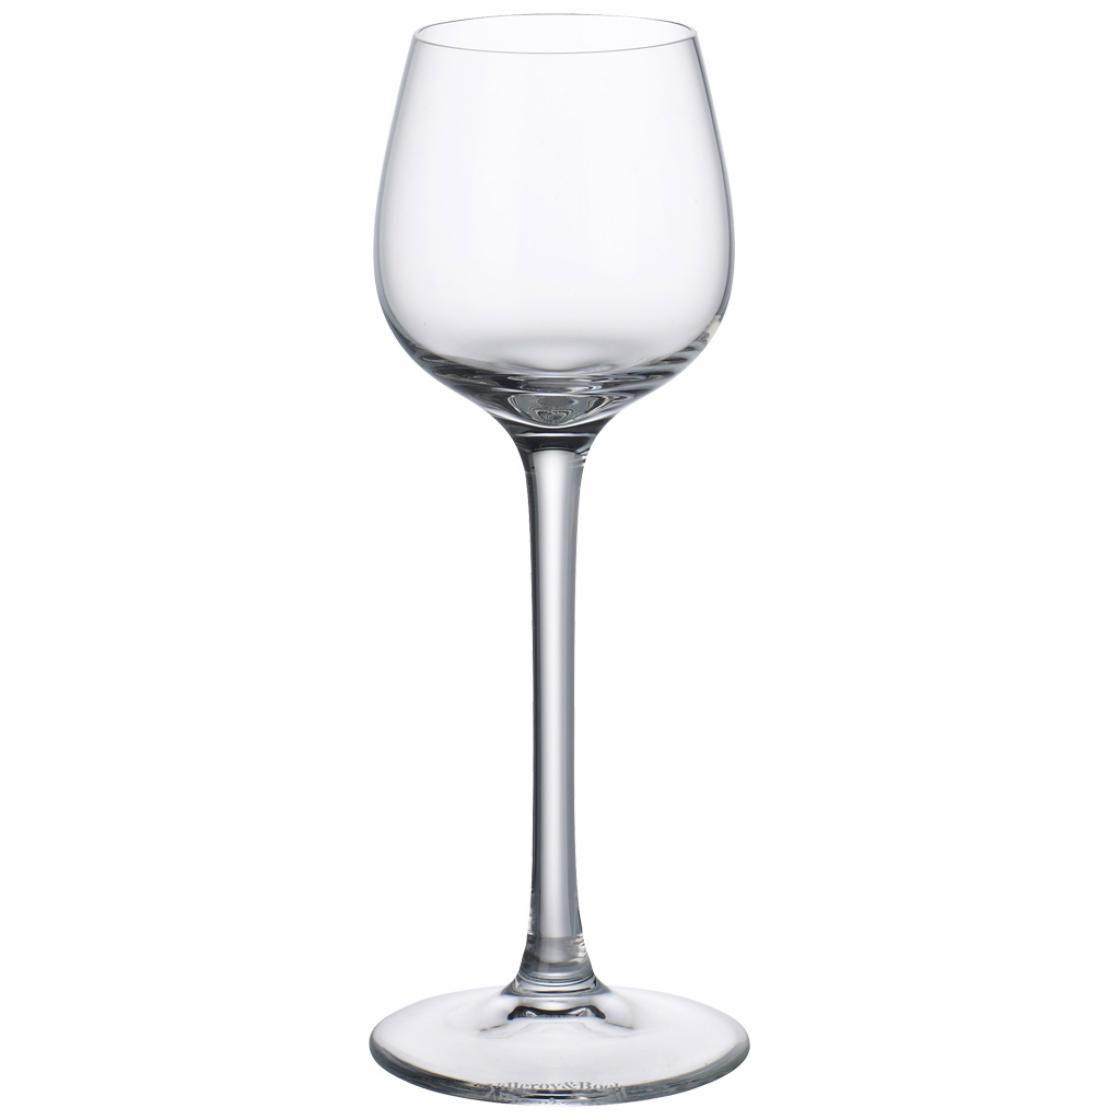 Villeroy & Boch Purismo Schnapsglas 152mm